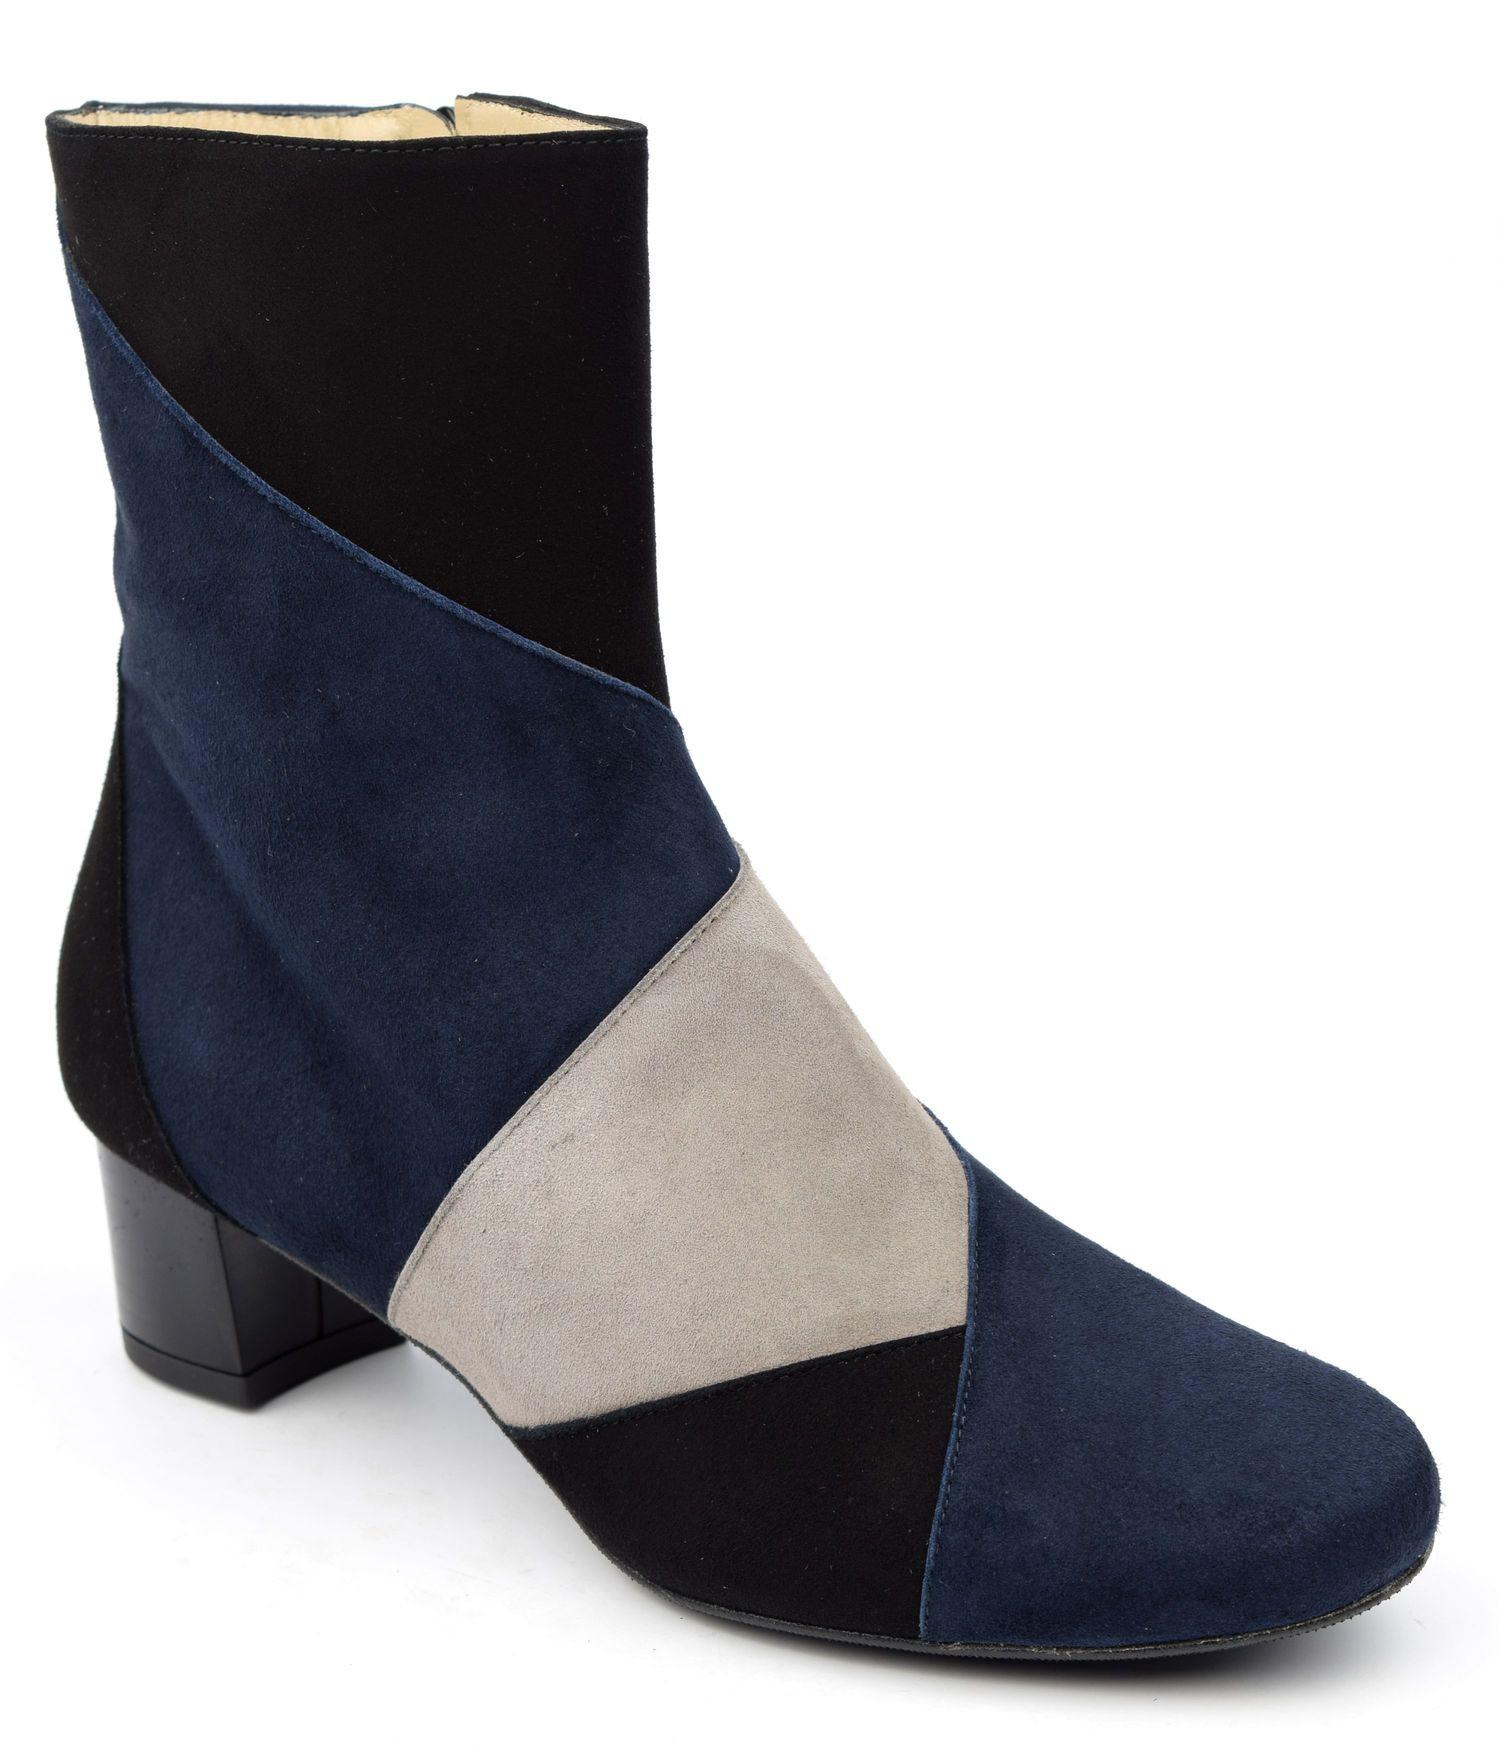 Connu Bottines tricolore, daim noir bleu et gris, Boogie-Woogie - ULTIM8  LI61